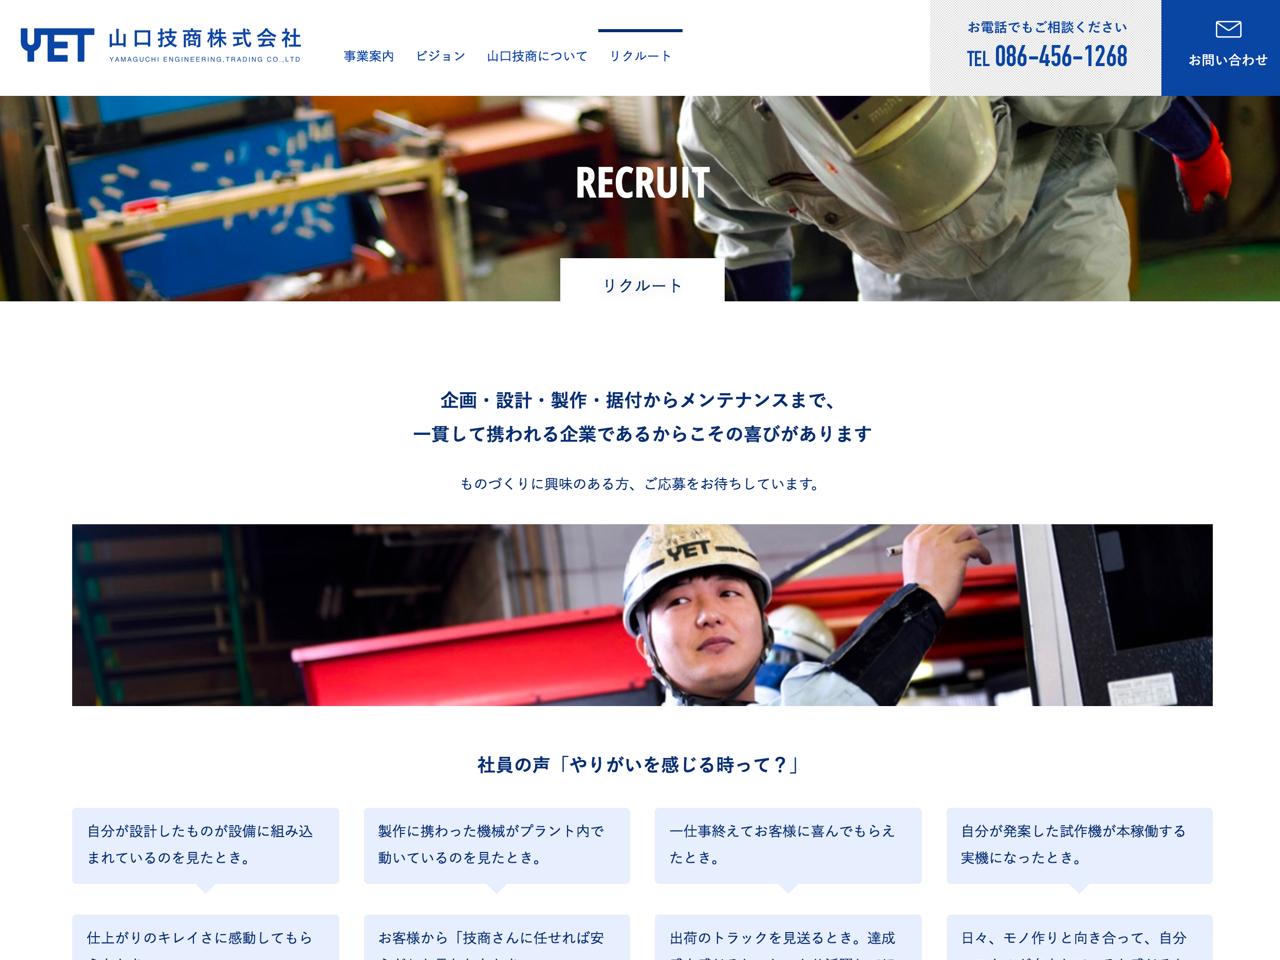 山口技商株式会社